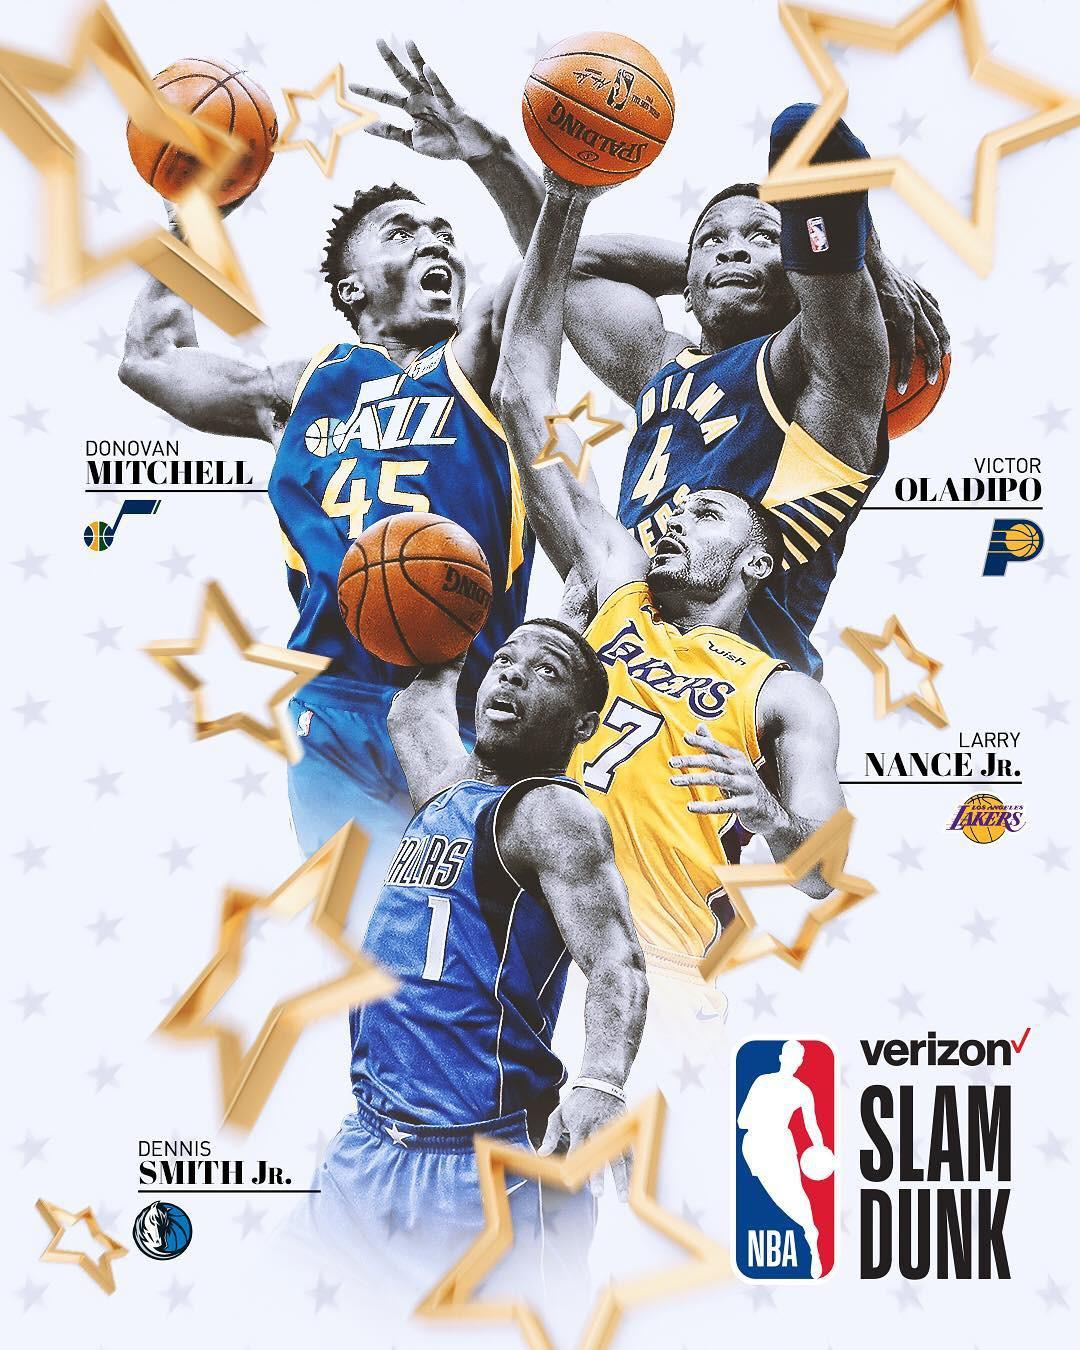 Các cầu thủ sẽ tham dự Slam Dunk Contest 2018 diễn ra vào ngày mai.